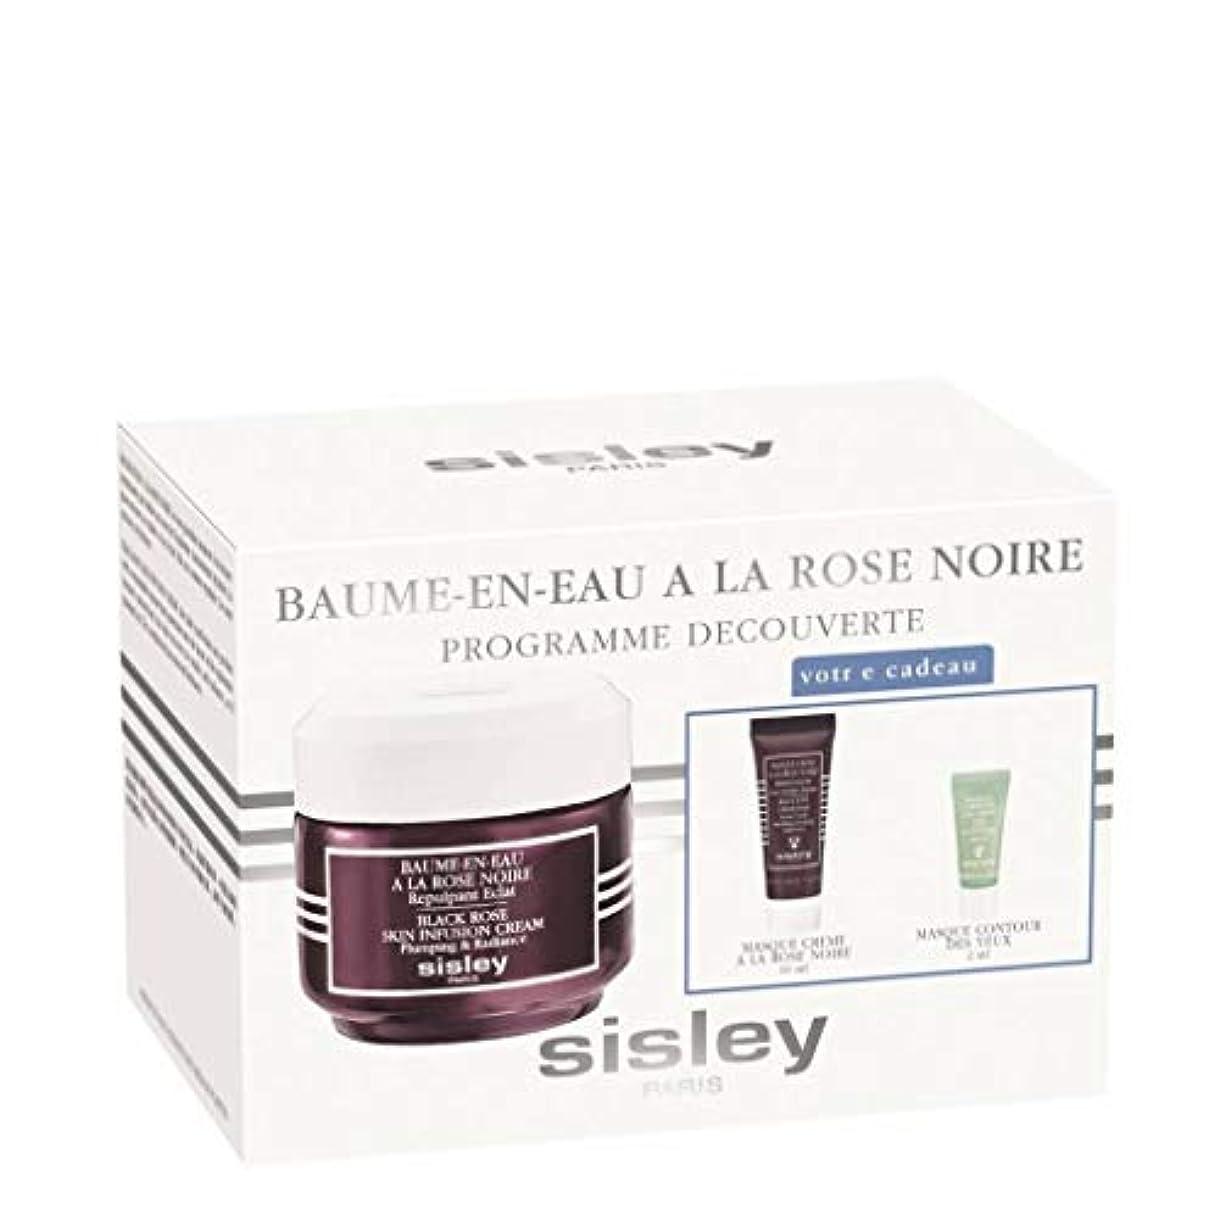 機会失業者読み書きのできないシスレー Black Rose Skin Infusion Cream Discovery Program: Black Rose Skin Infusion Cream 50ml+Black Rose Cream Mask...